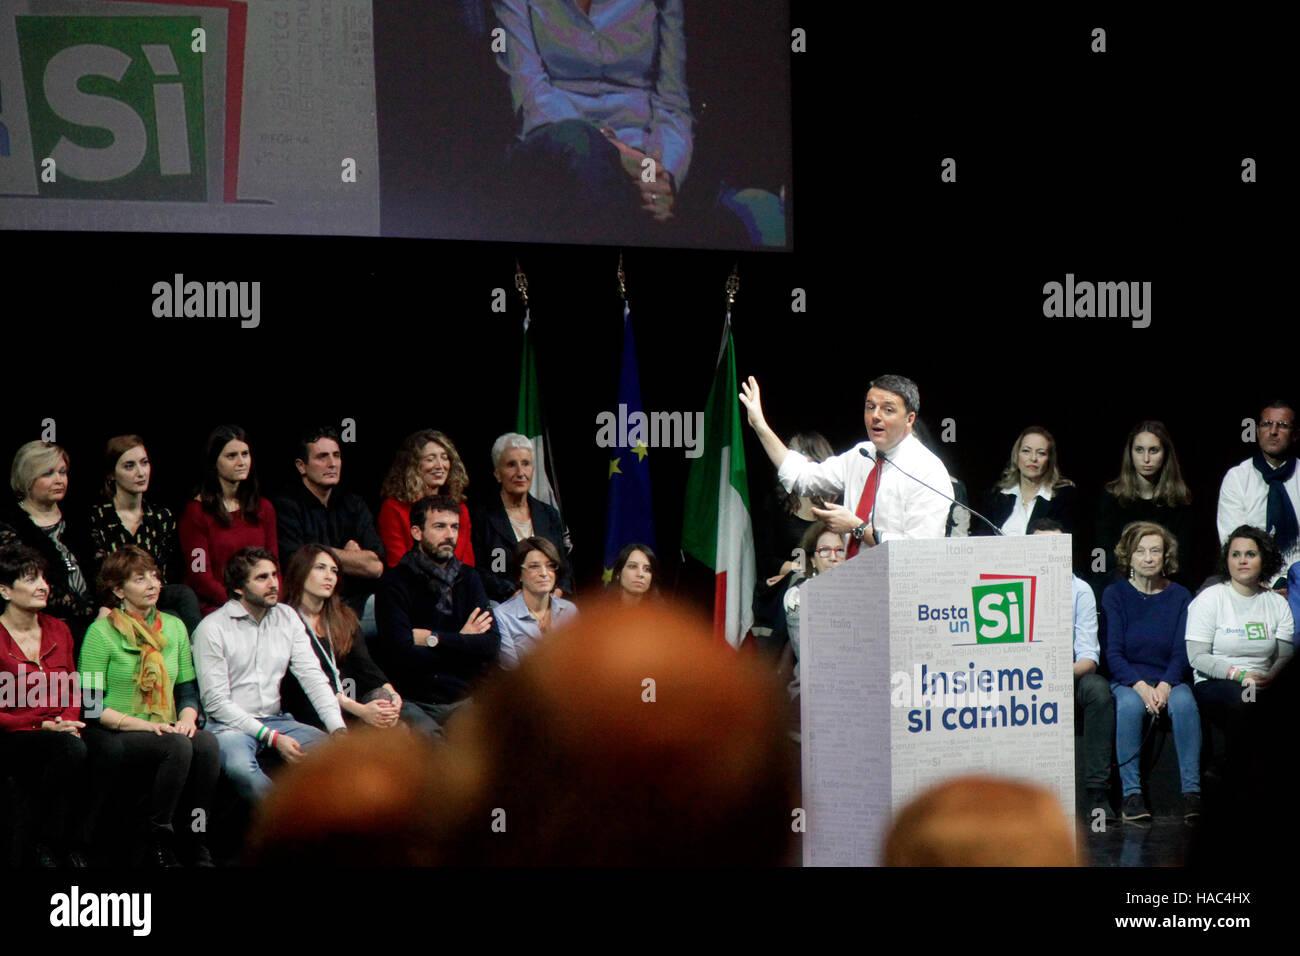 Matteo Renzi le premier ministre, prend la parole lors d'un référendum ''oui'' rassemblement Photo Stock